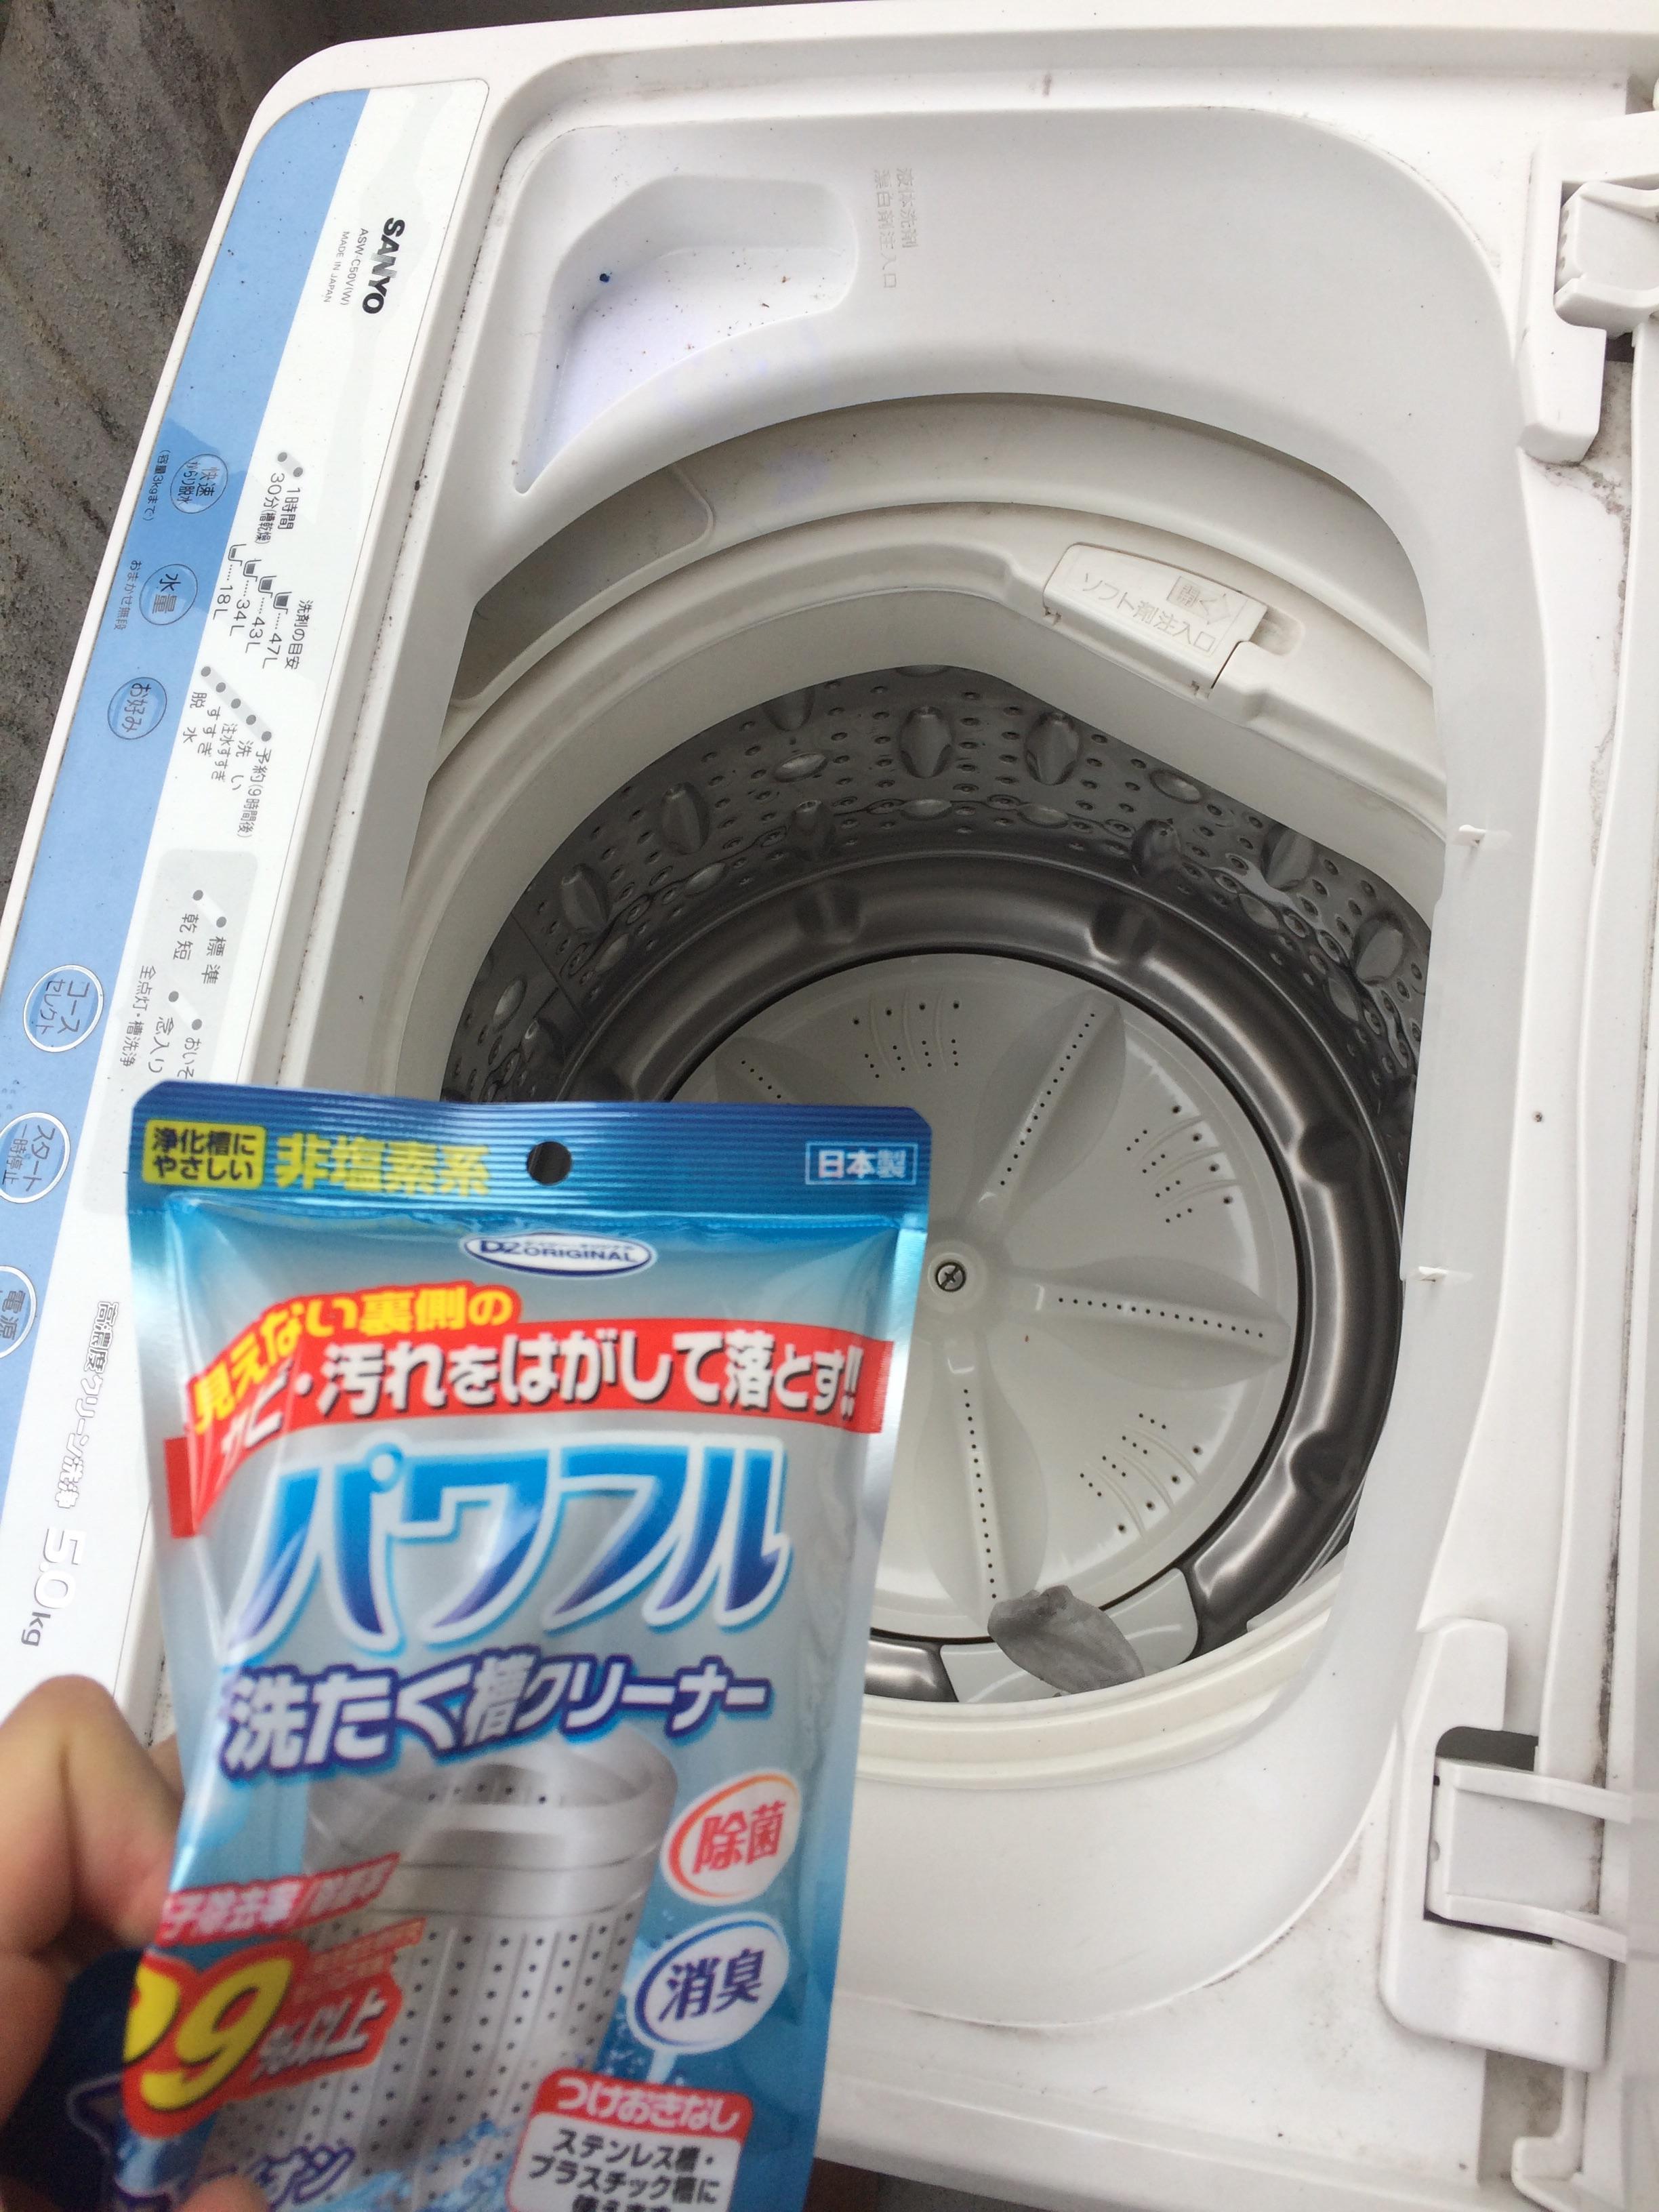 【画像】10年程洗ってない洗濯槽を洗浄するンゴ